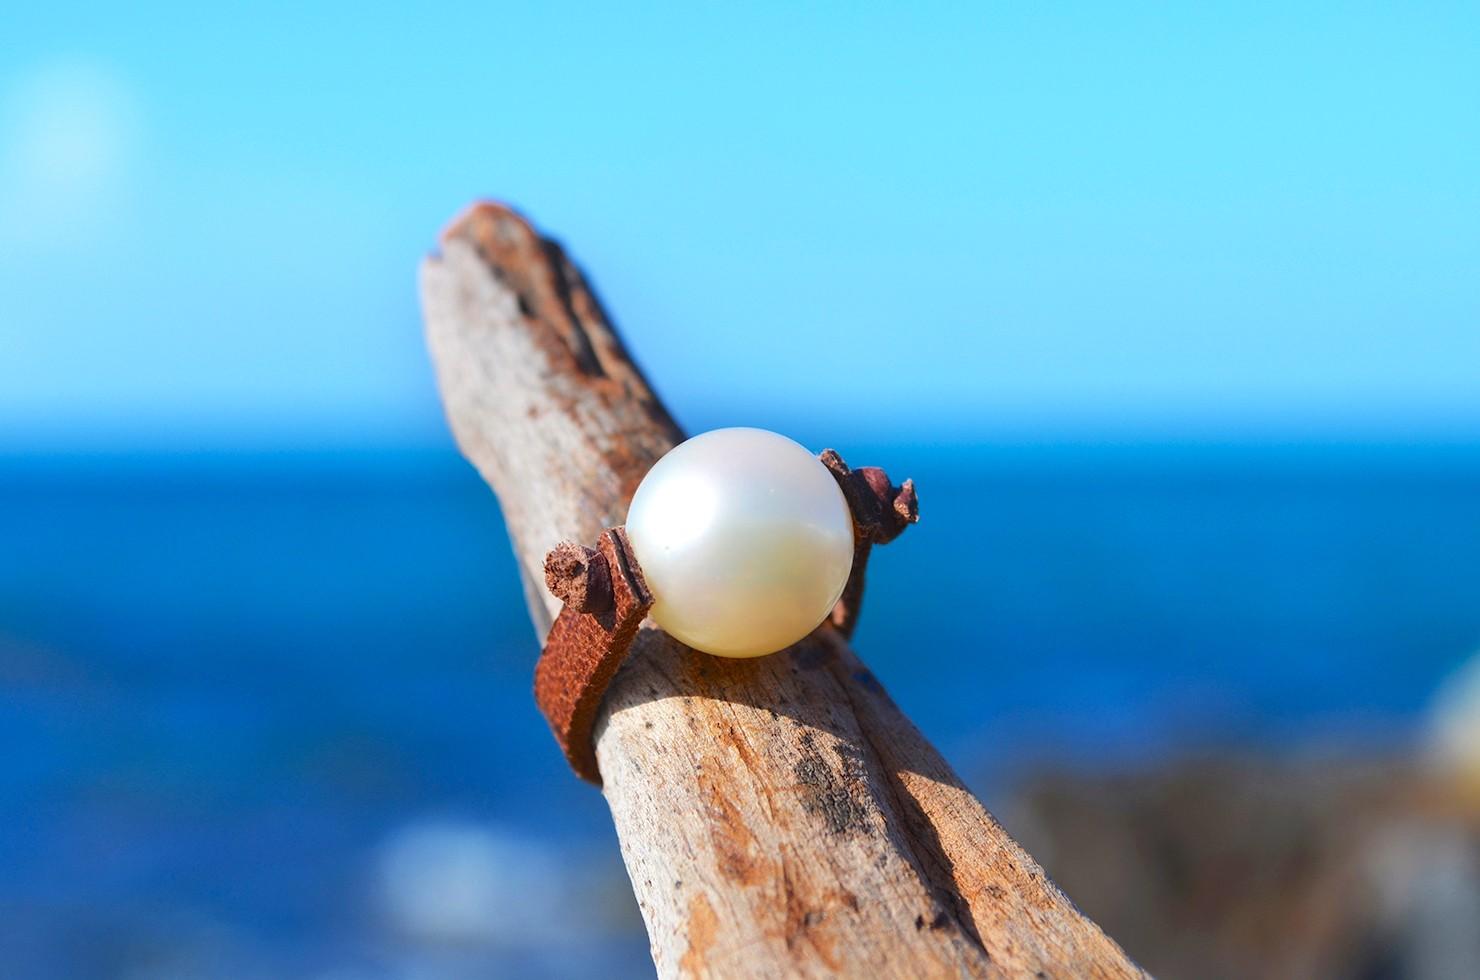 Bague avec perle d'Australie blanche - 12mm